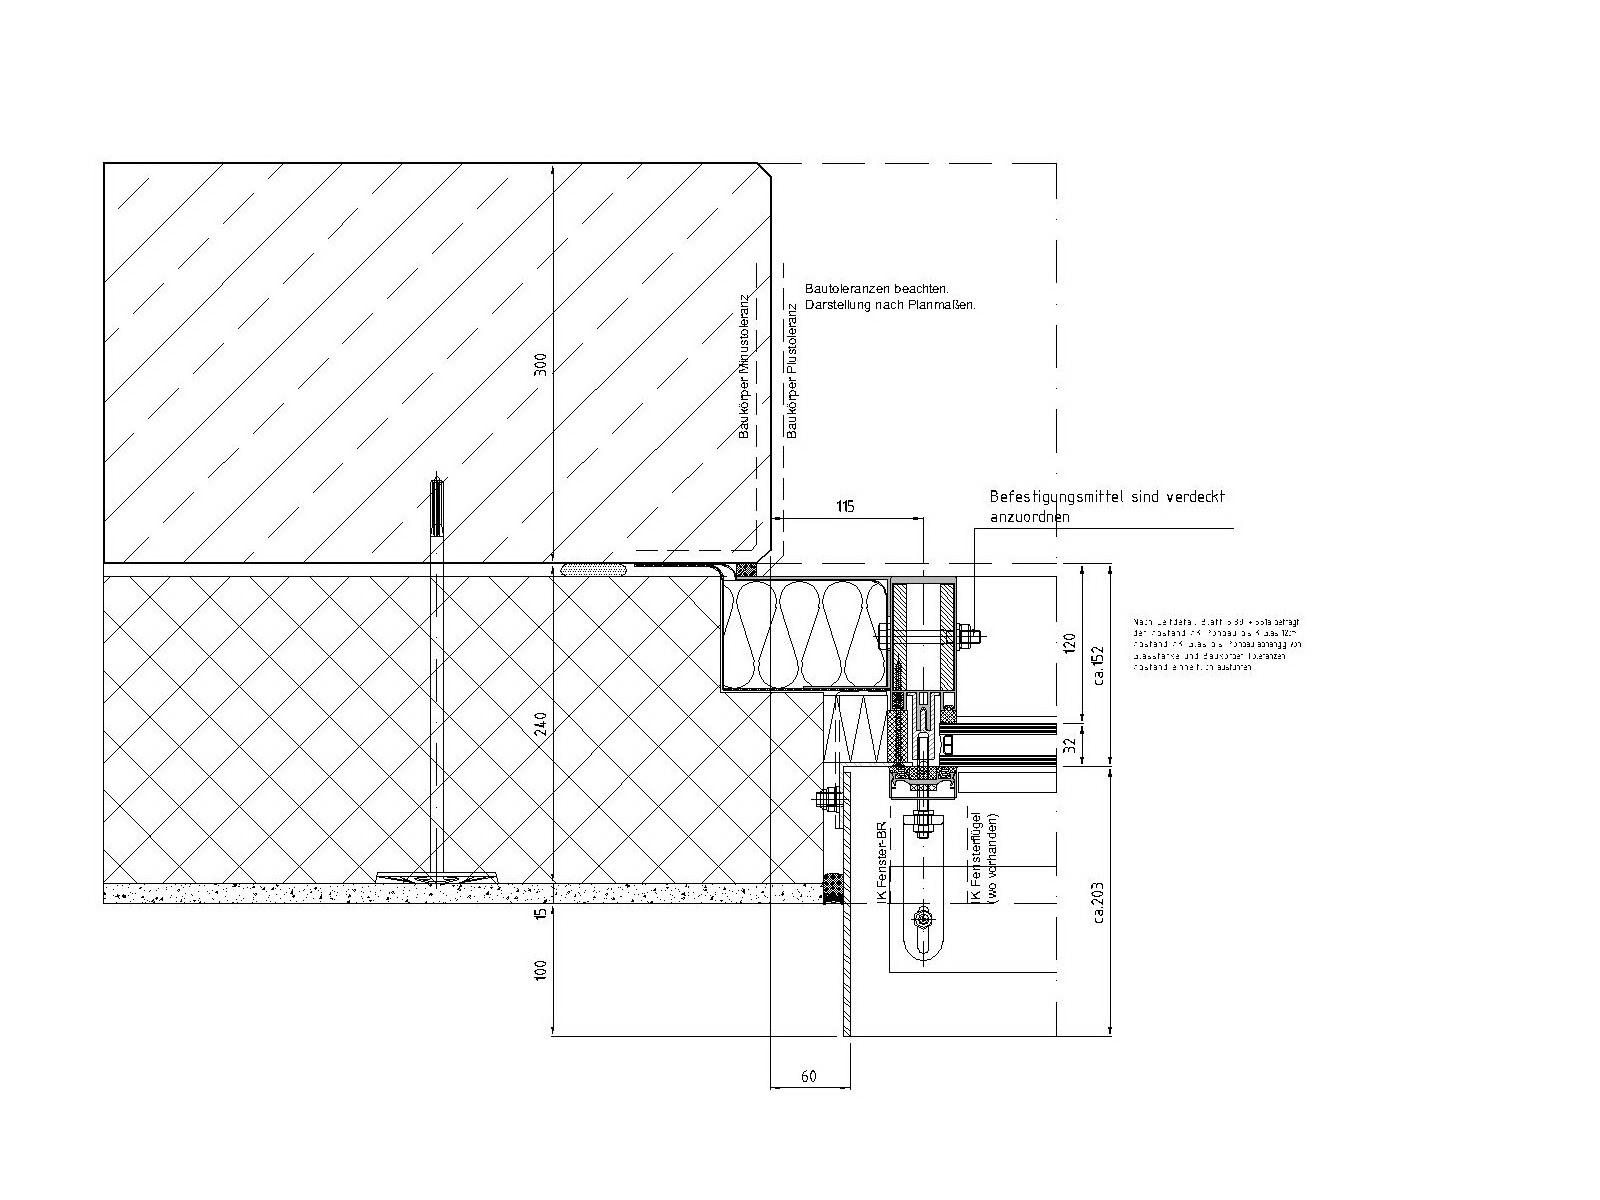 rewe rosbach risse. Black Bedroom Furniture Sets. Home Design Ideas